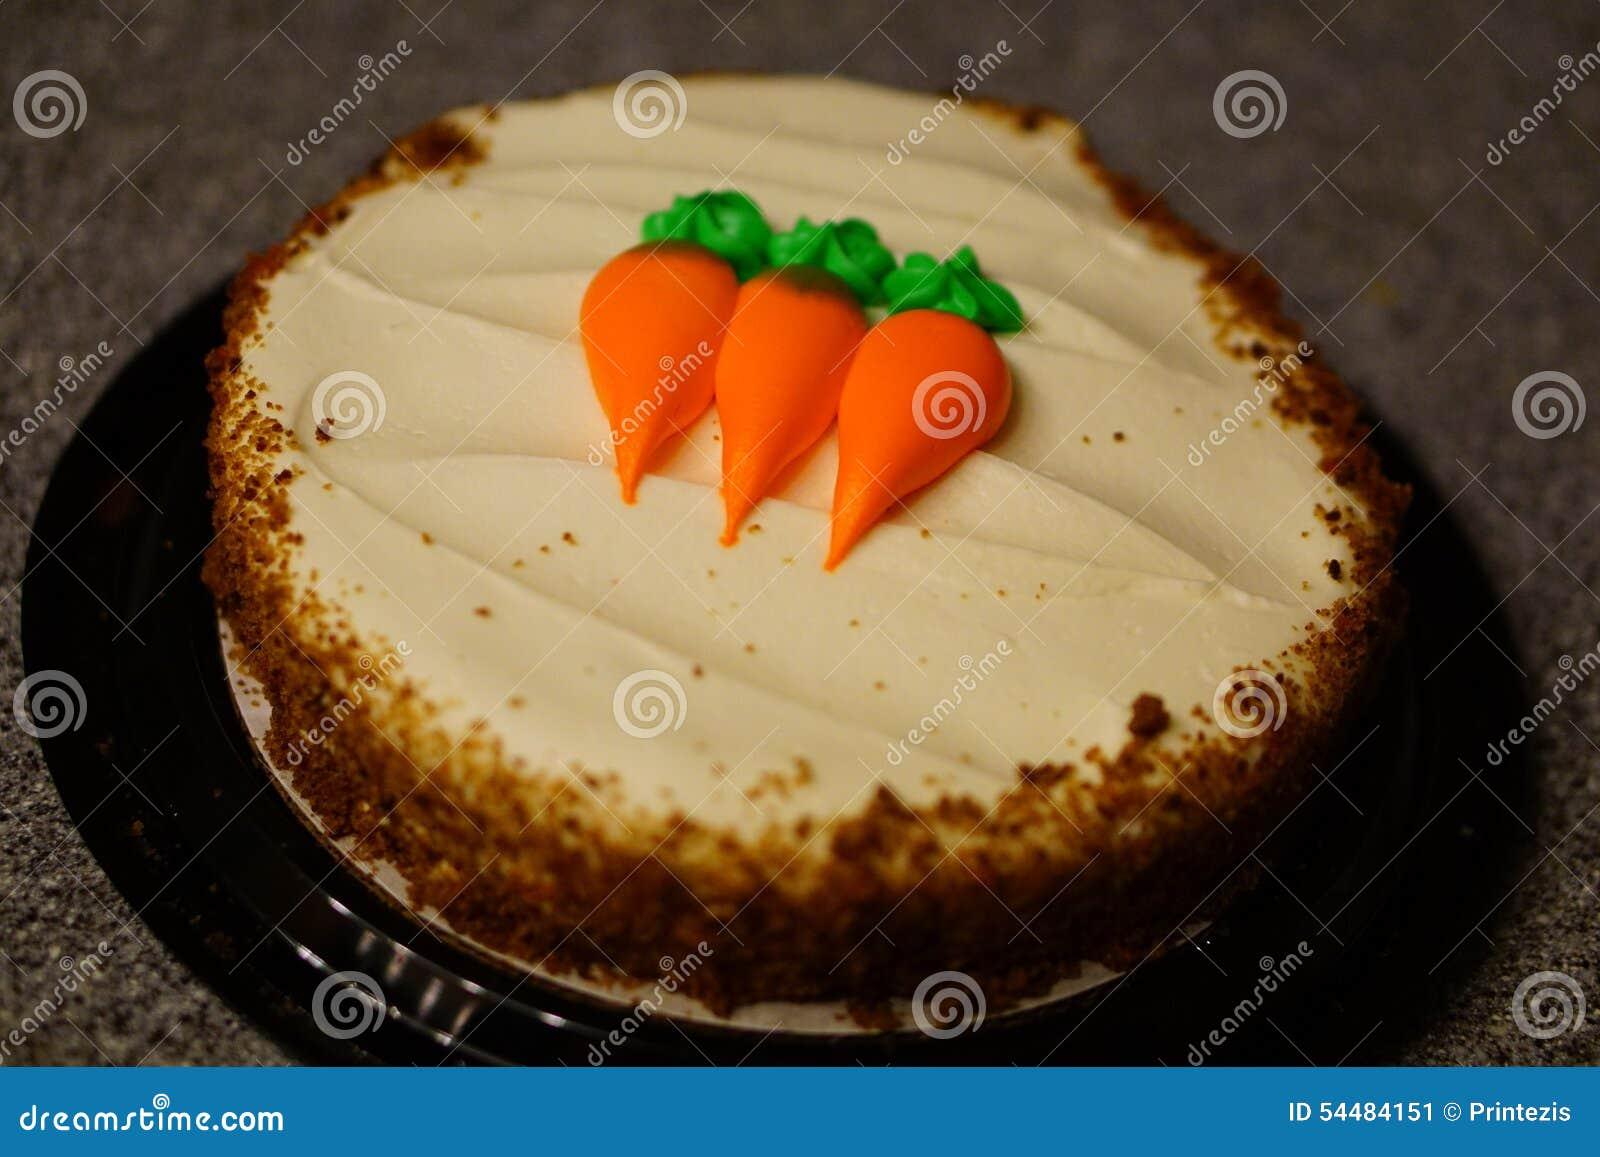 Gâteau à la carotte sur le compteur